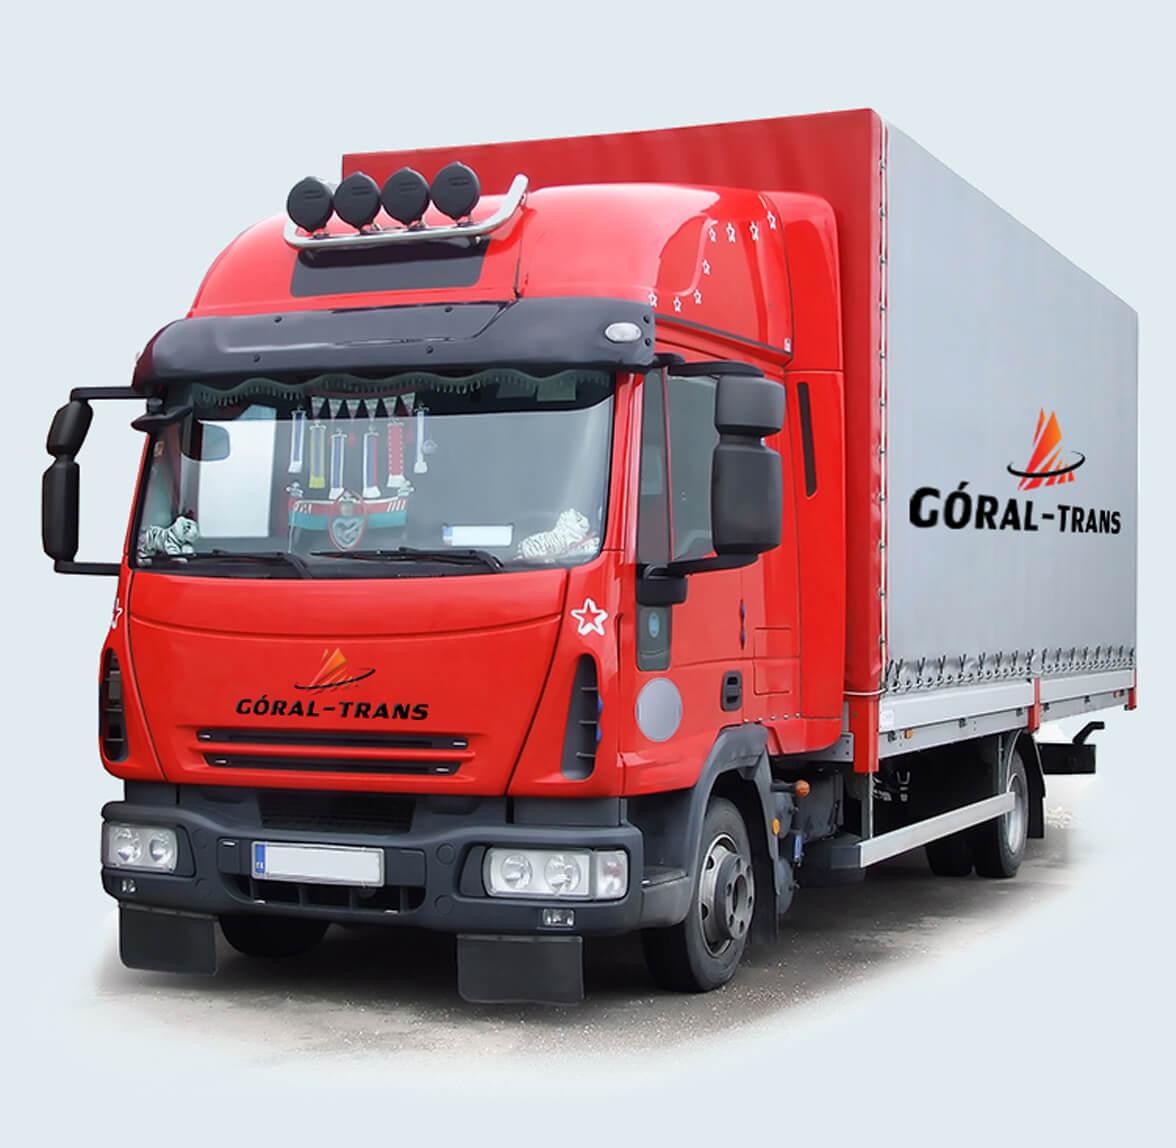 cieżarówka z logo